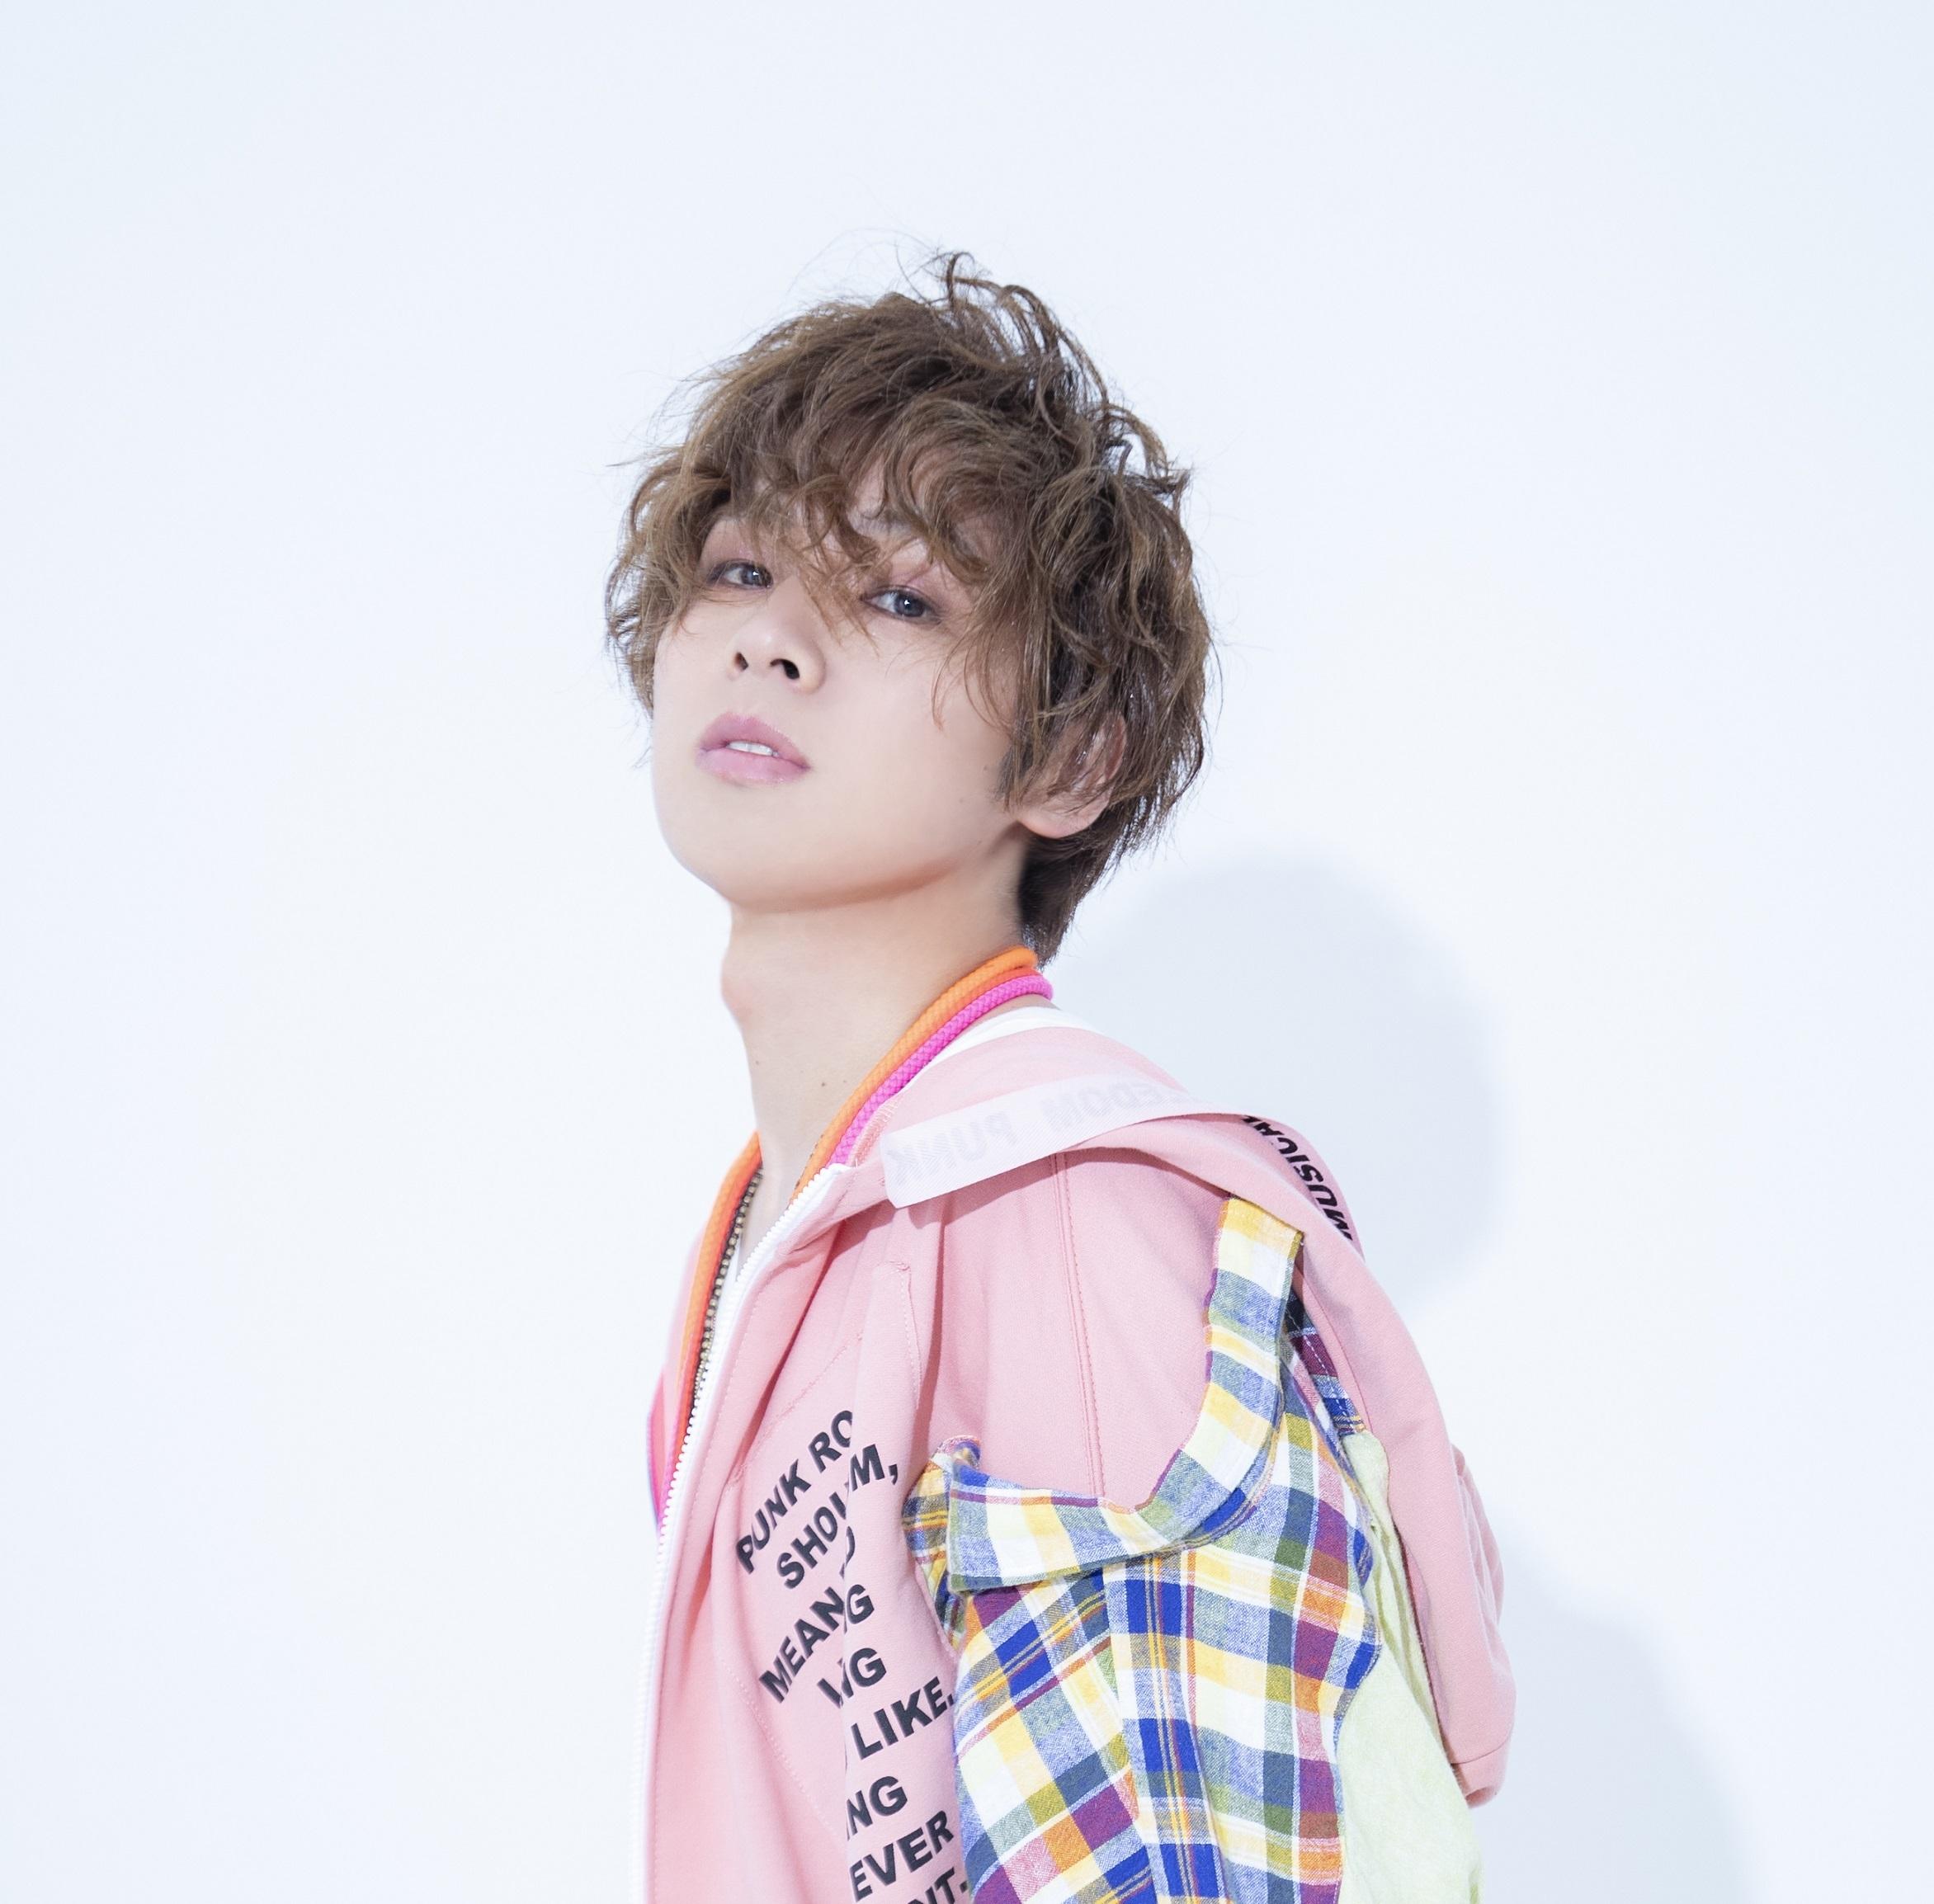 チャージマン研役:安達勇人 (C)2019 鈴川鉄久/ICHI/チャージマン研!CLIE